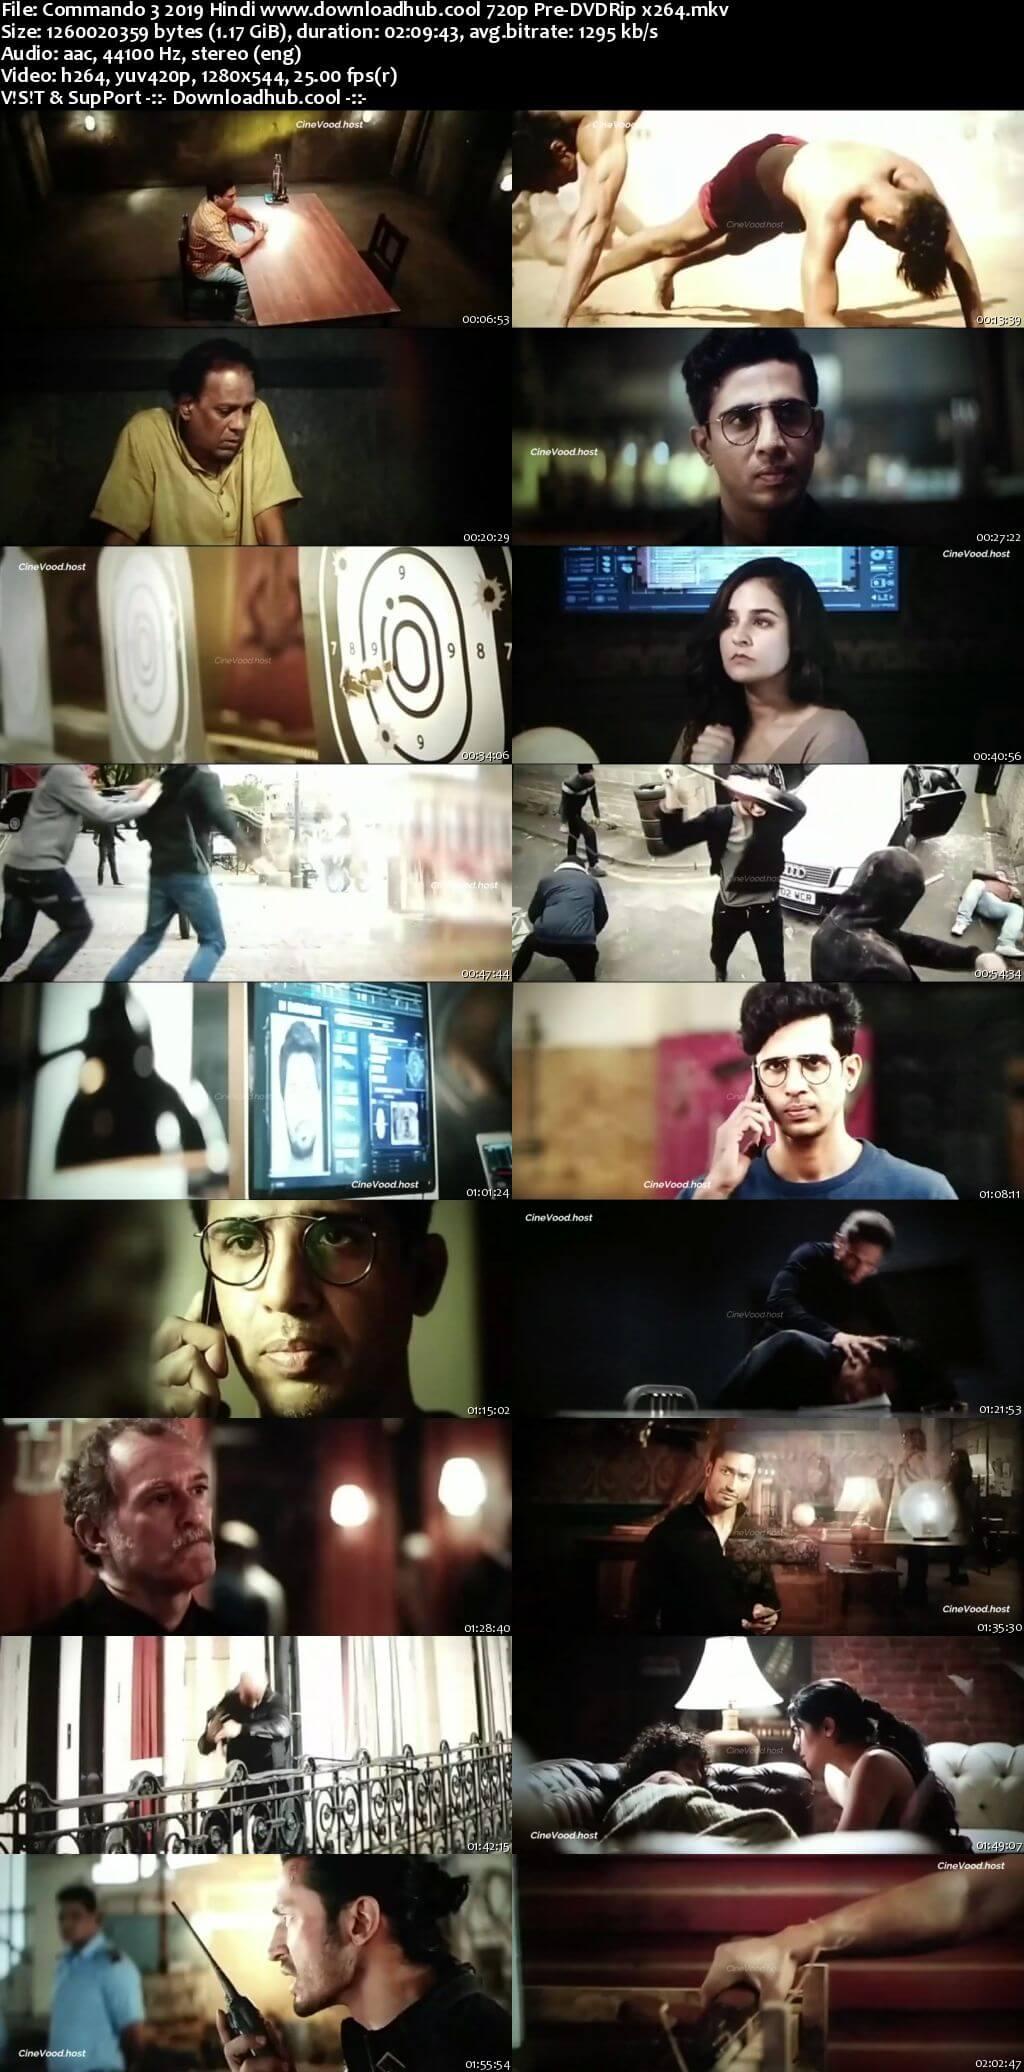 Commando 3 2019 Hindi 720p 480p Pre-DVDRip x264